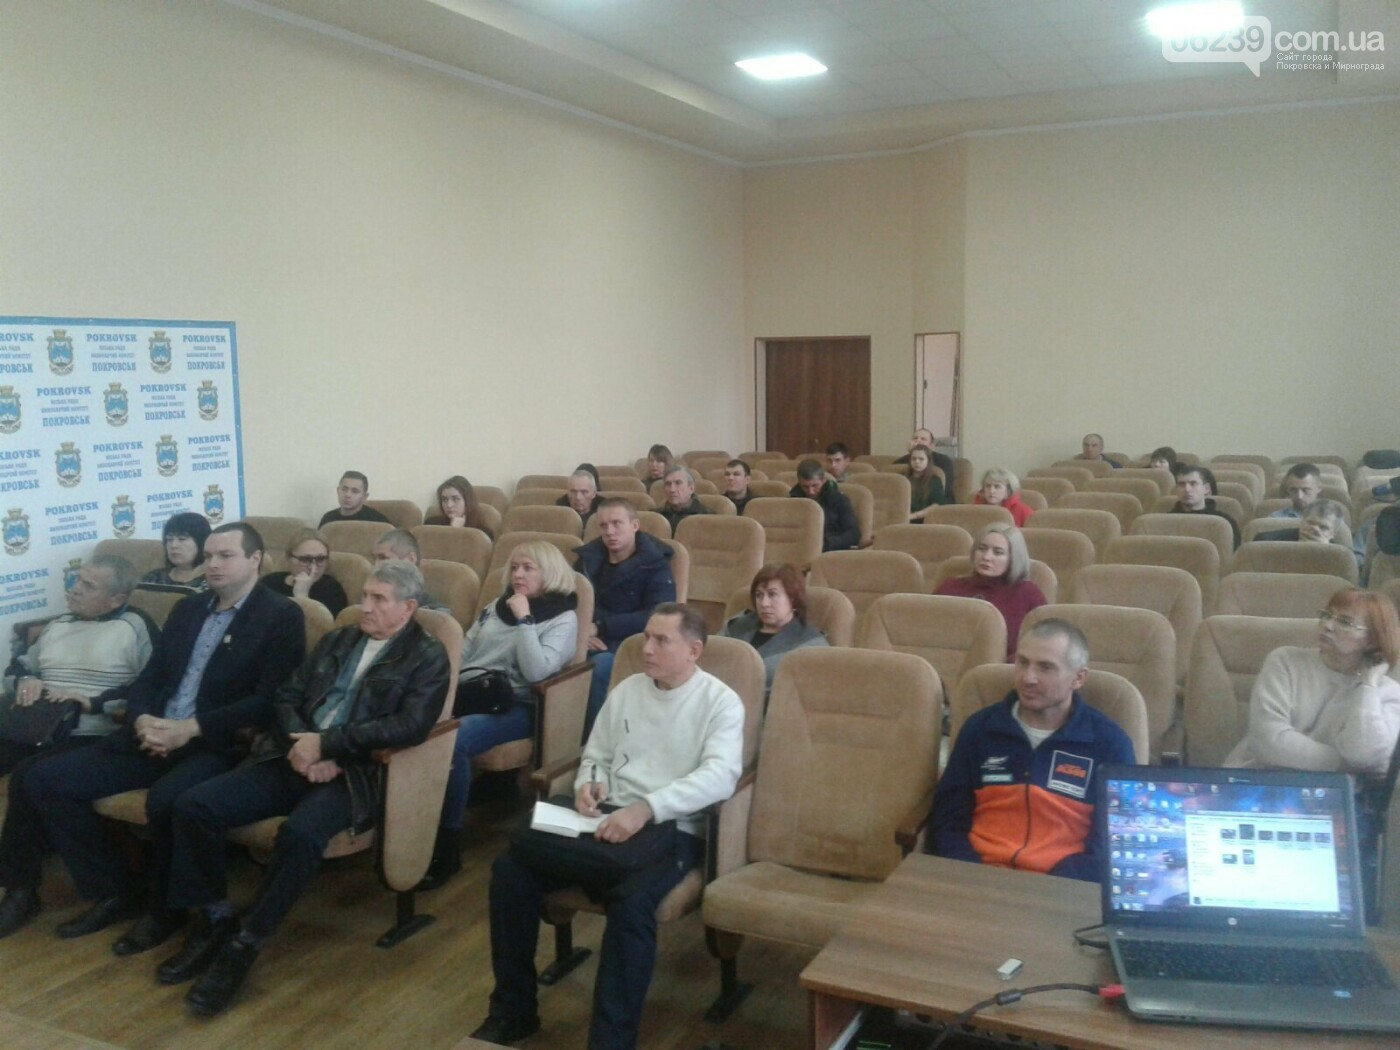 У Покровську відбулось розширене засідання колегії Управління сім'ї, молоді та спорту, фото-3